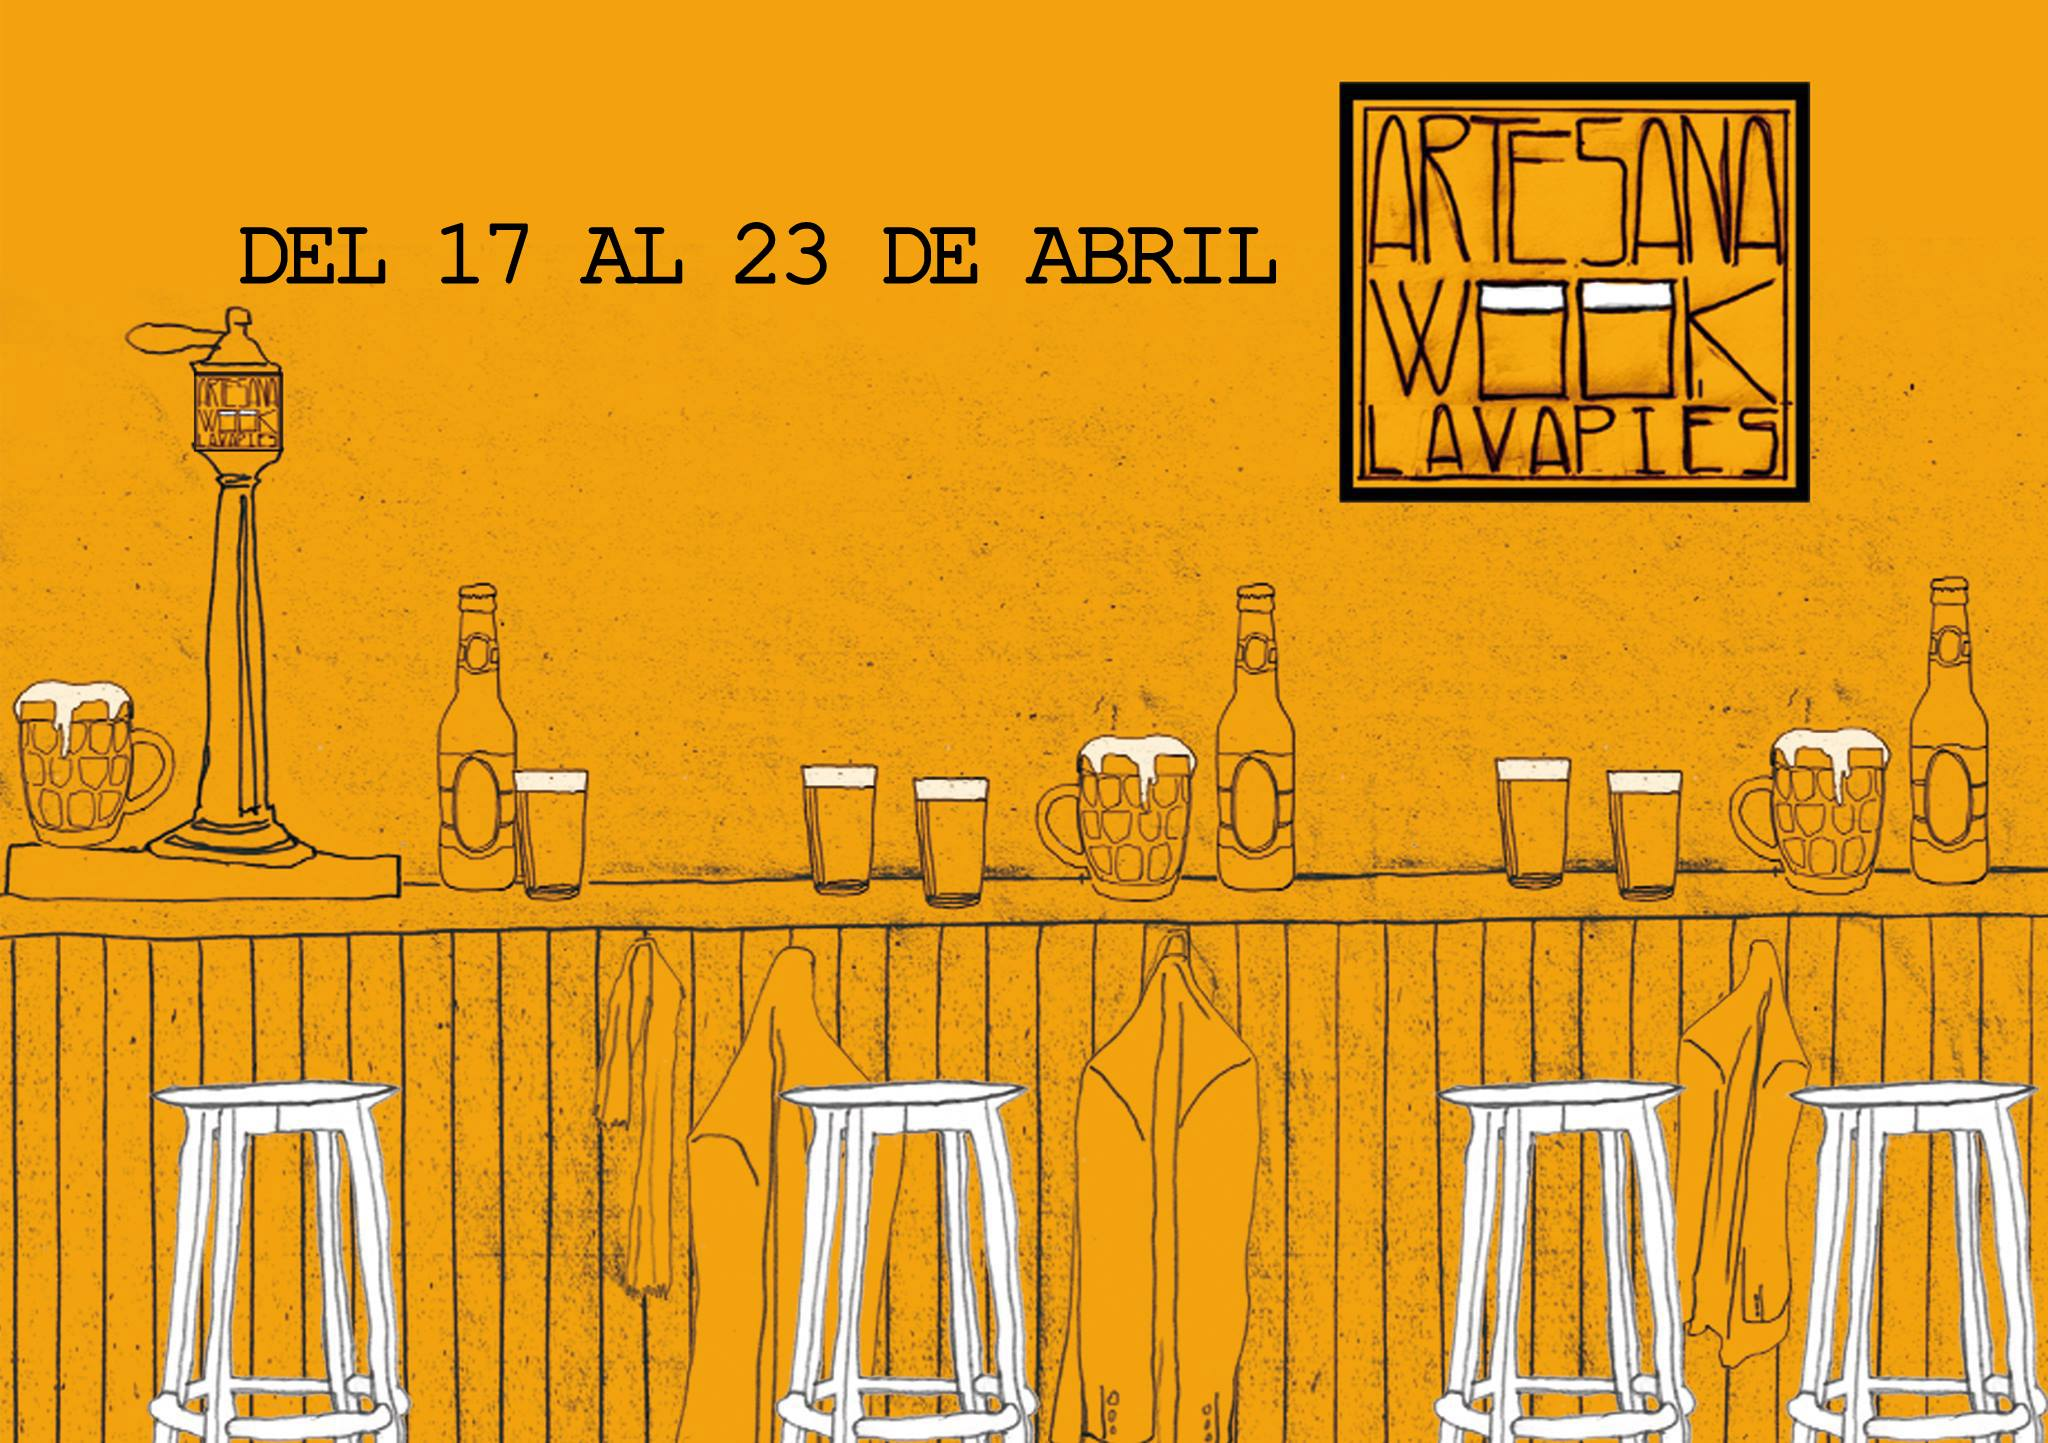 Artesana Week (Lavapiés, Madrid)